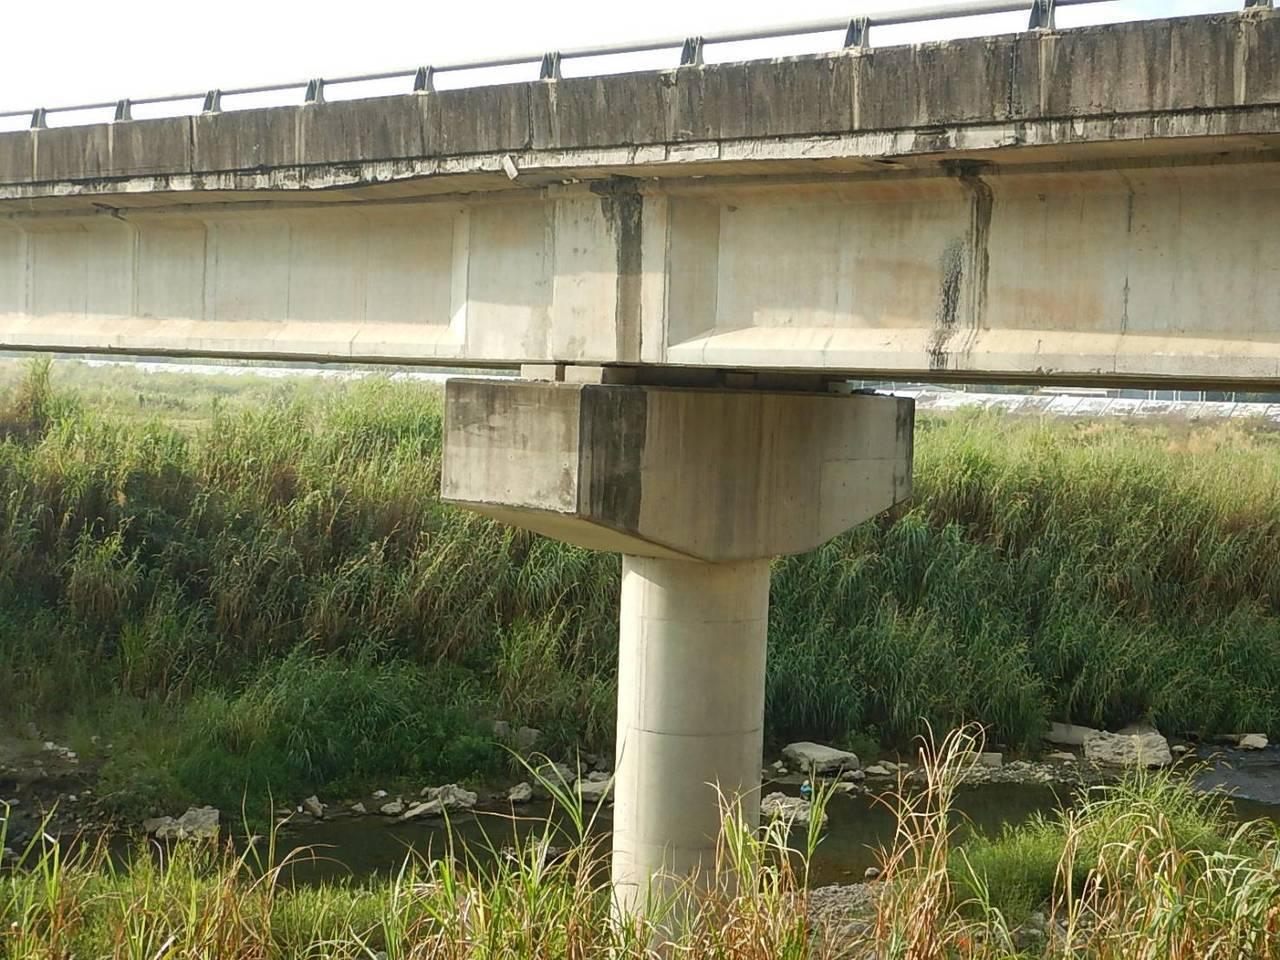 嚇!貓羅溪防汛橋巨大裂縫 網友貼危橋照引起緊張